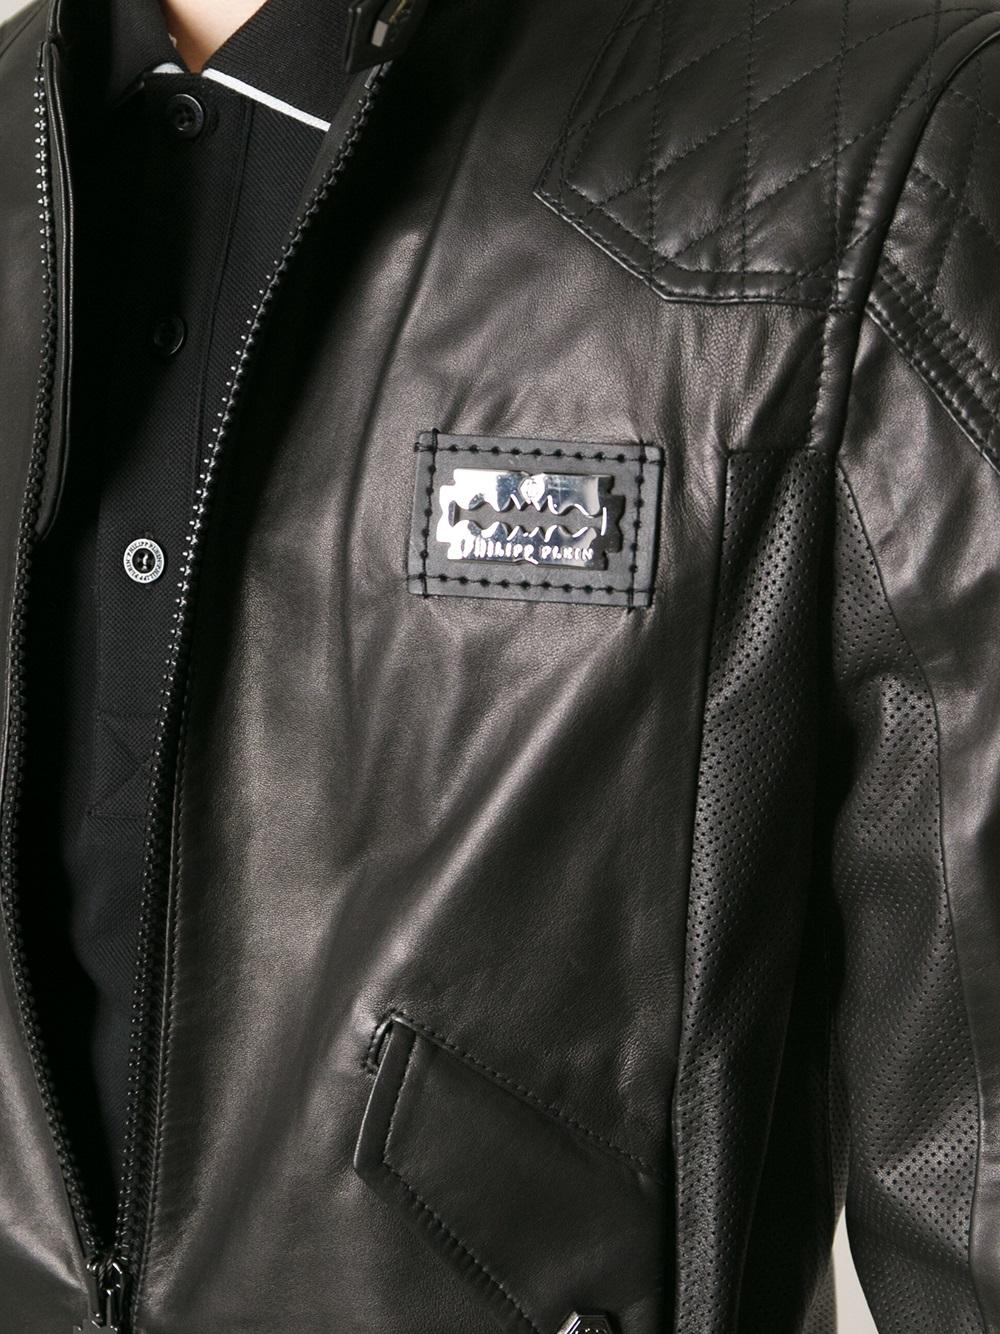 philipp plein leather biker jacket in black for men lyst. Black Bedroom Furniture Sets. Home Design Ideas